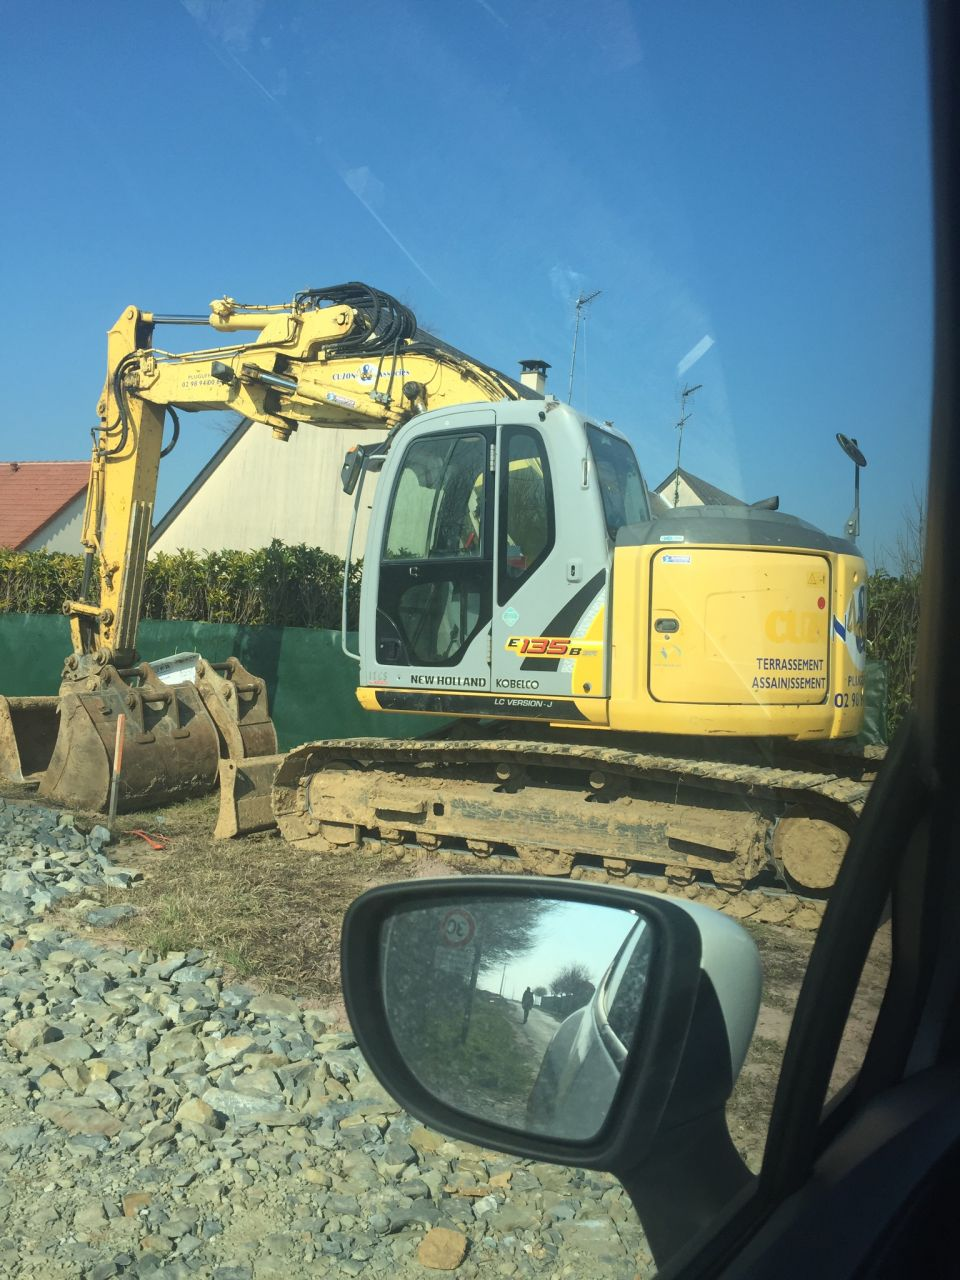 Le terrassement va bientôt commencer. L'engin est posé devant le terrain.